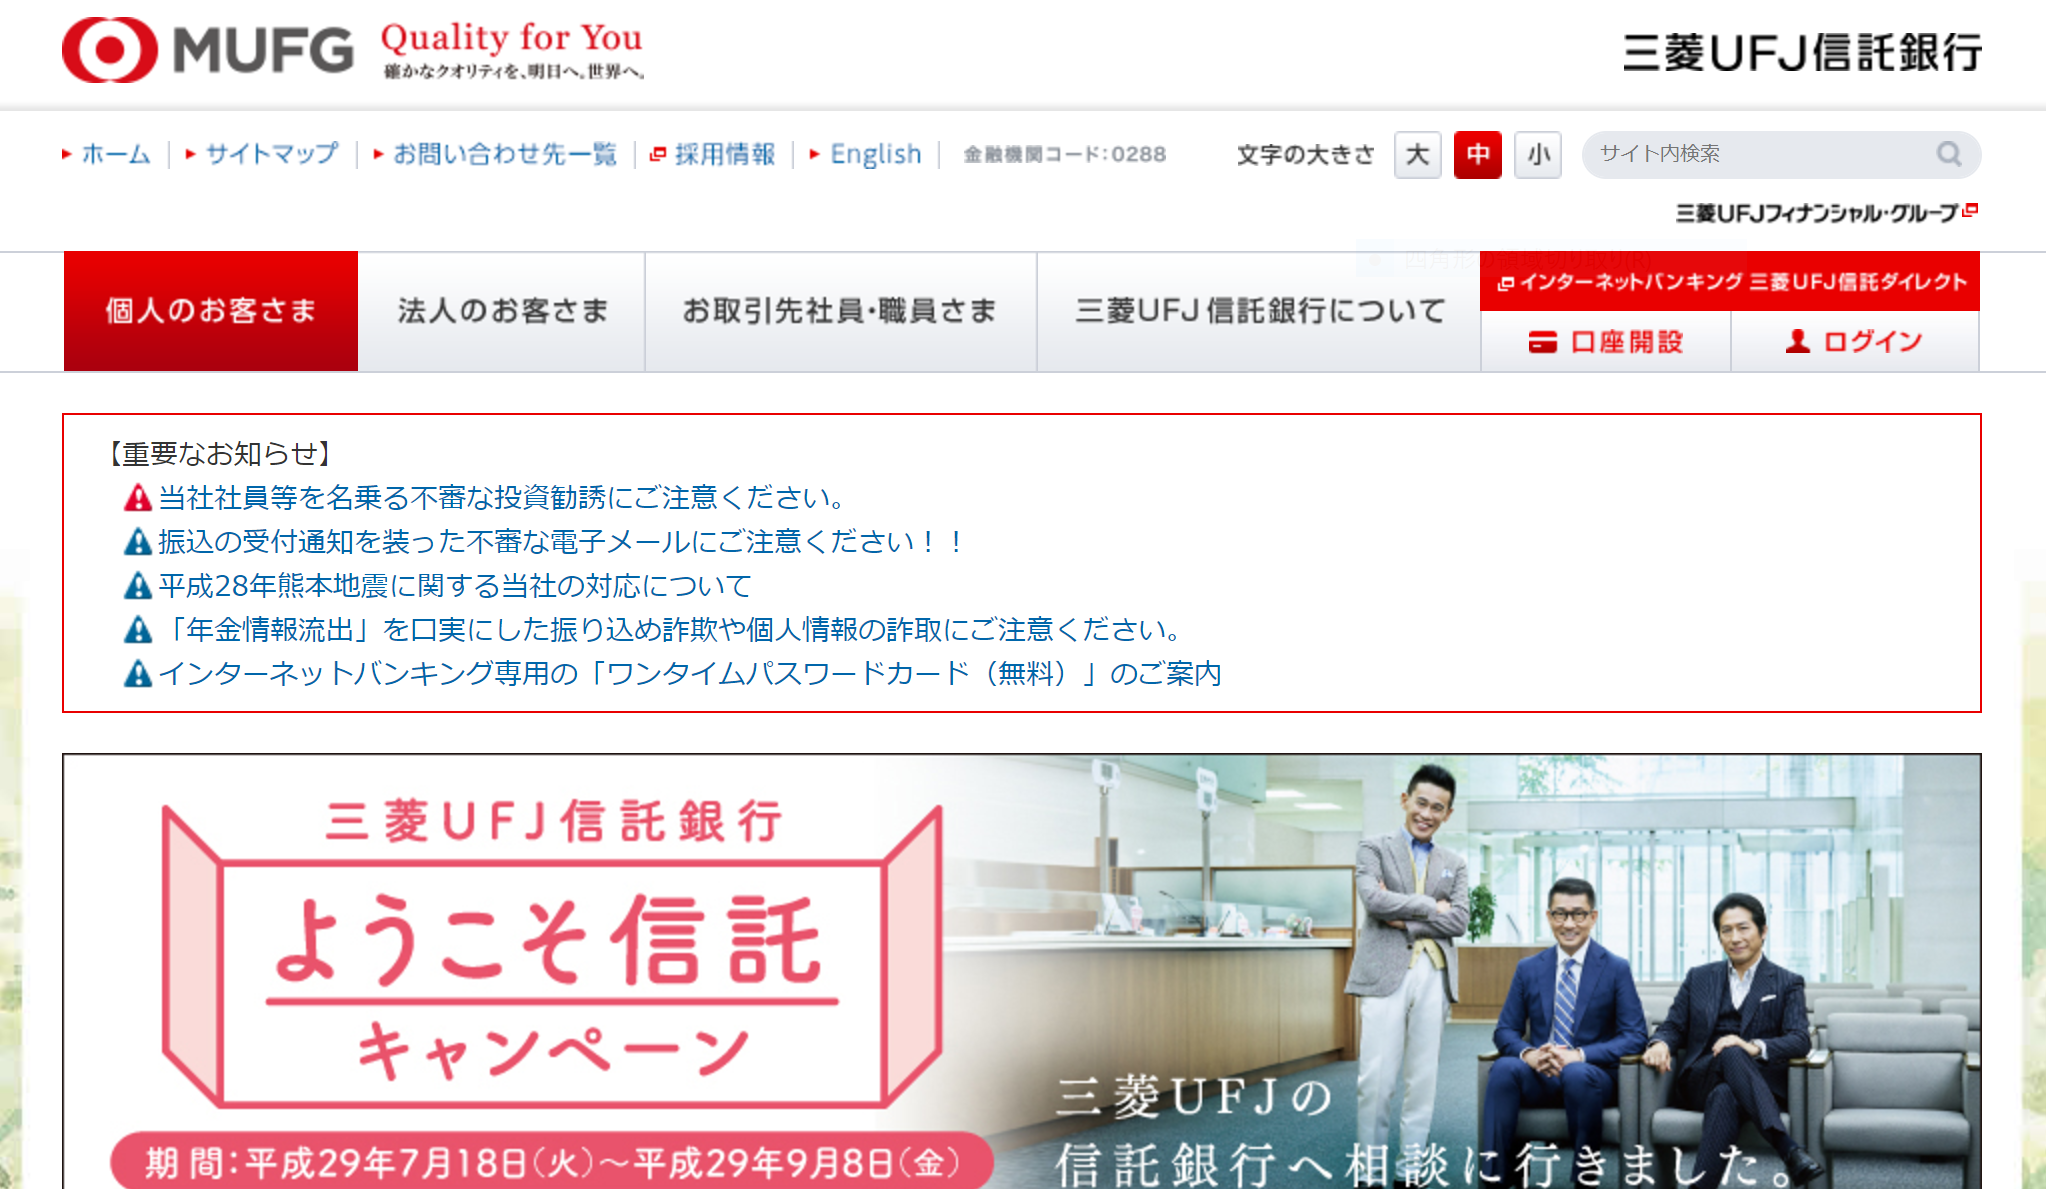 Ufj インターネット 銀行 三菱 バンキング 信託